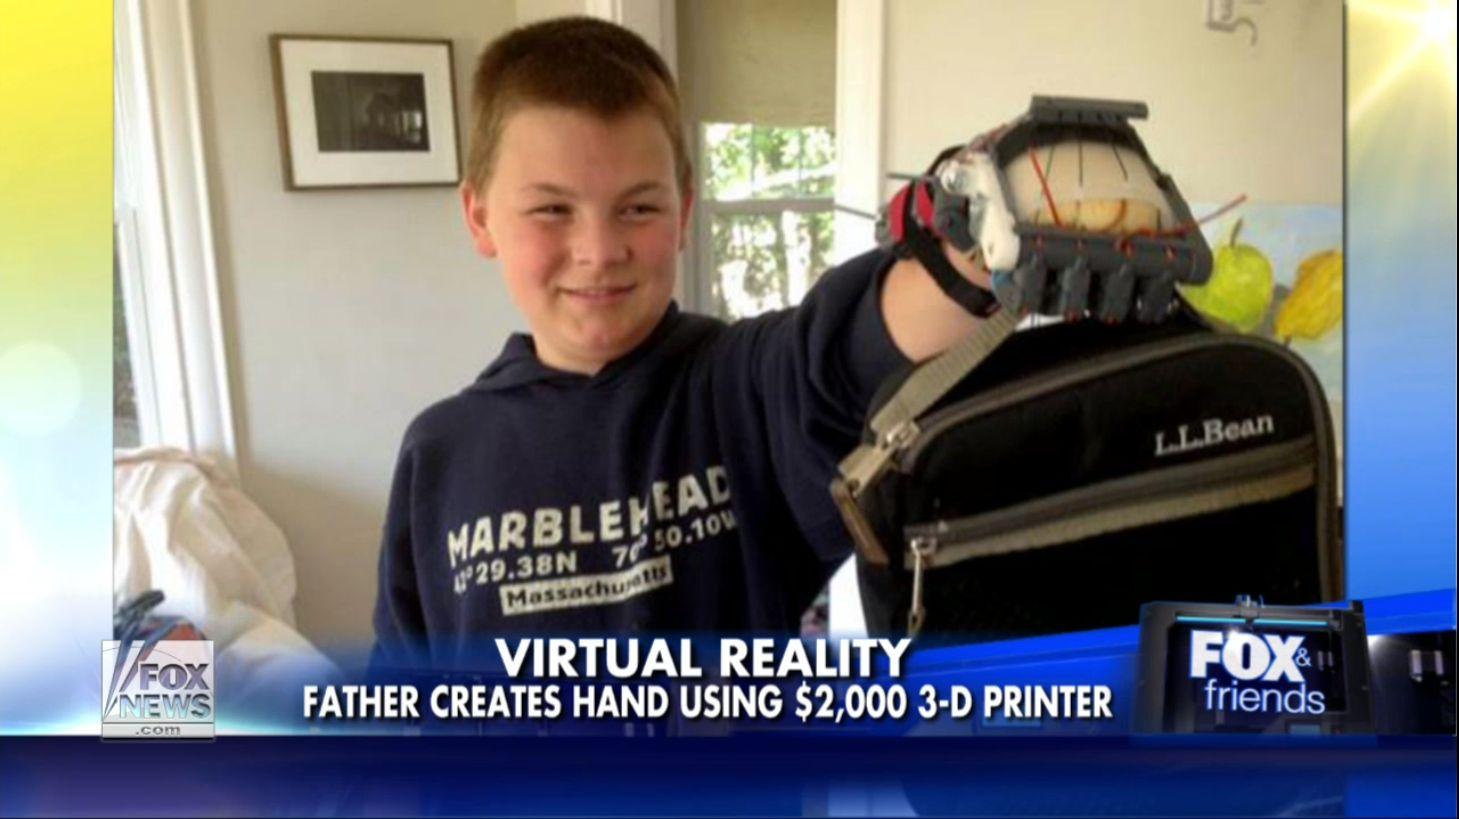 Πατέρας κατασκευάζει προσθετικό χέρι για το 12χρονο γιο του με τη βοήθεια ενός 3Δ εκτυπωτή